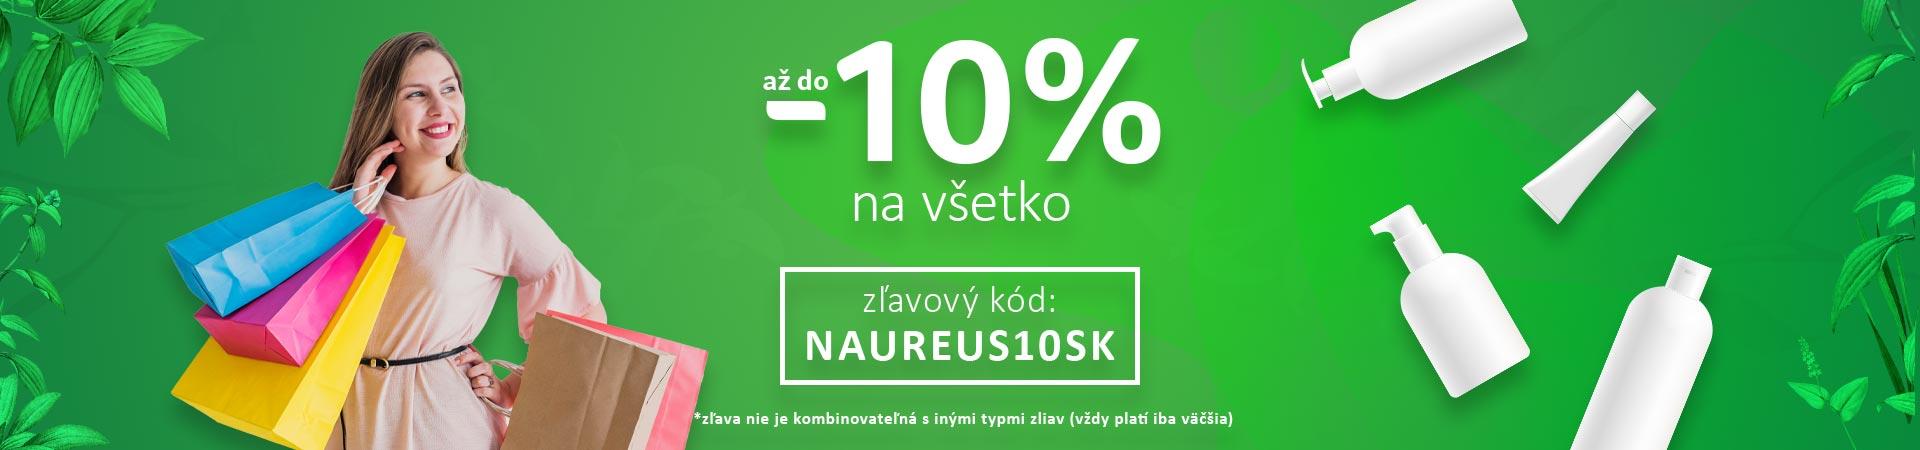 10% zľava na VŠETKO - zdravé produkty pre Vás a Vašich blízkých